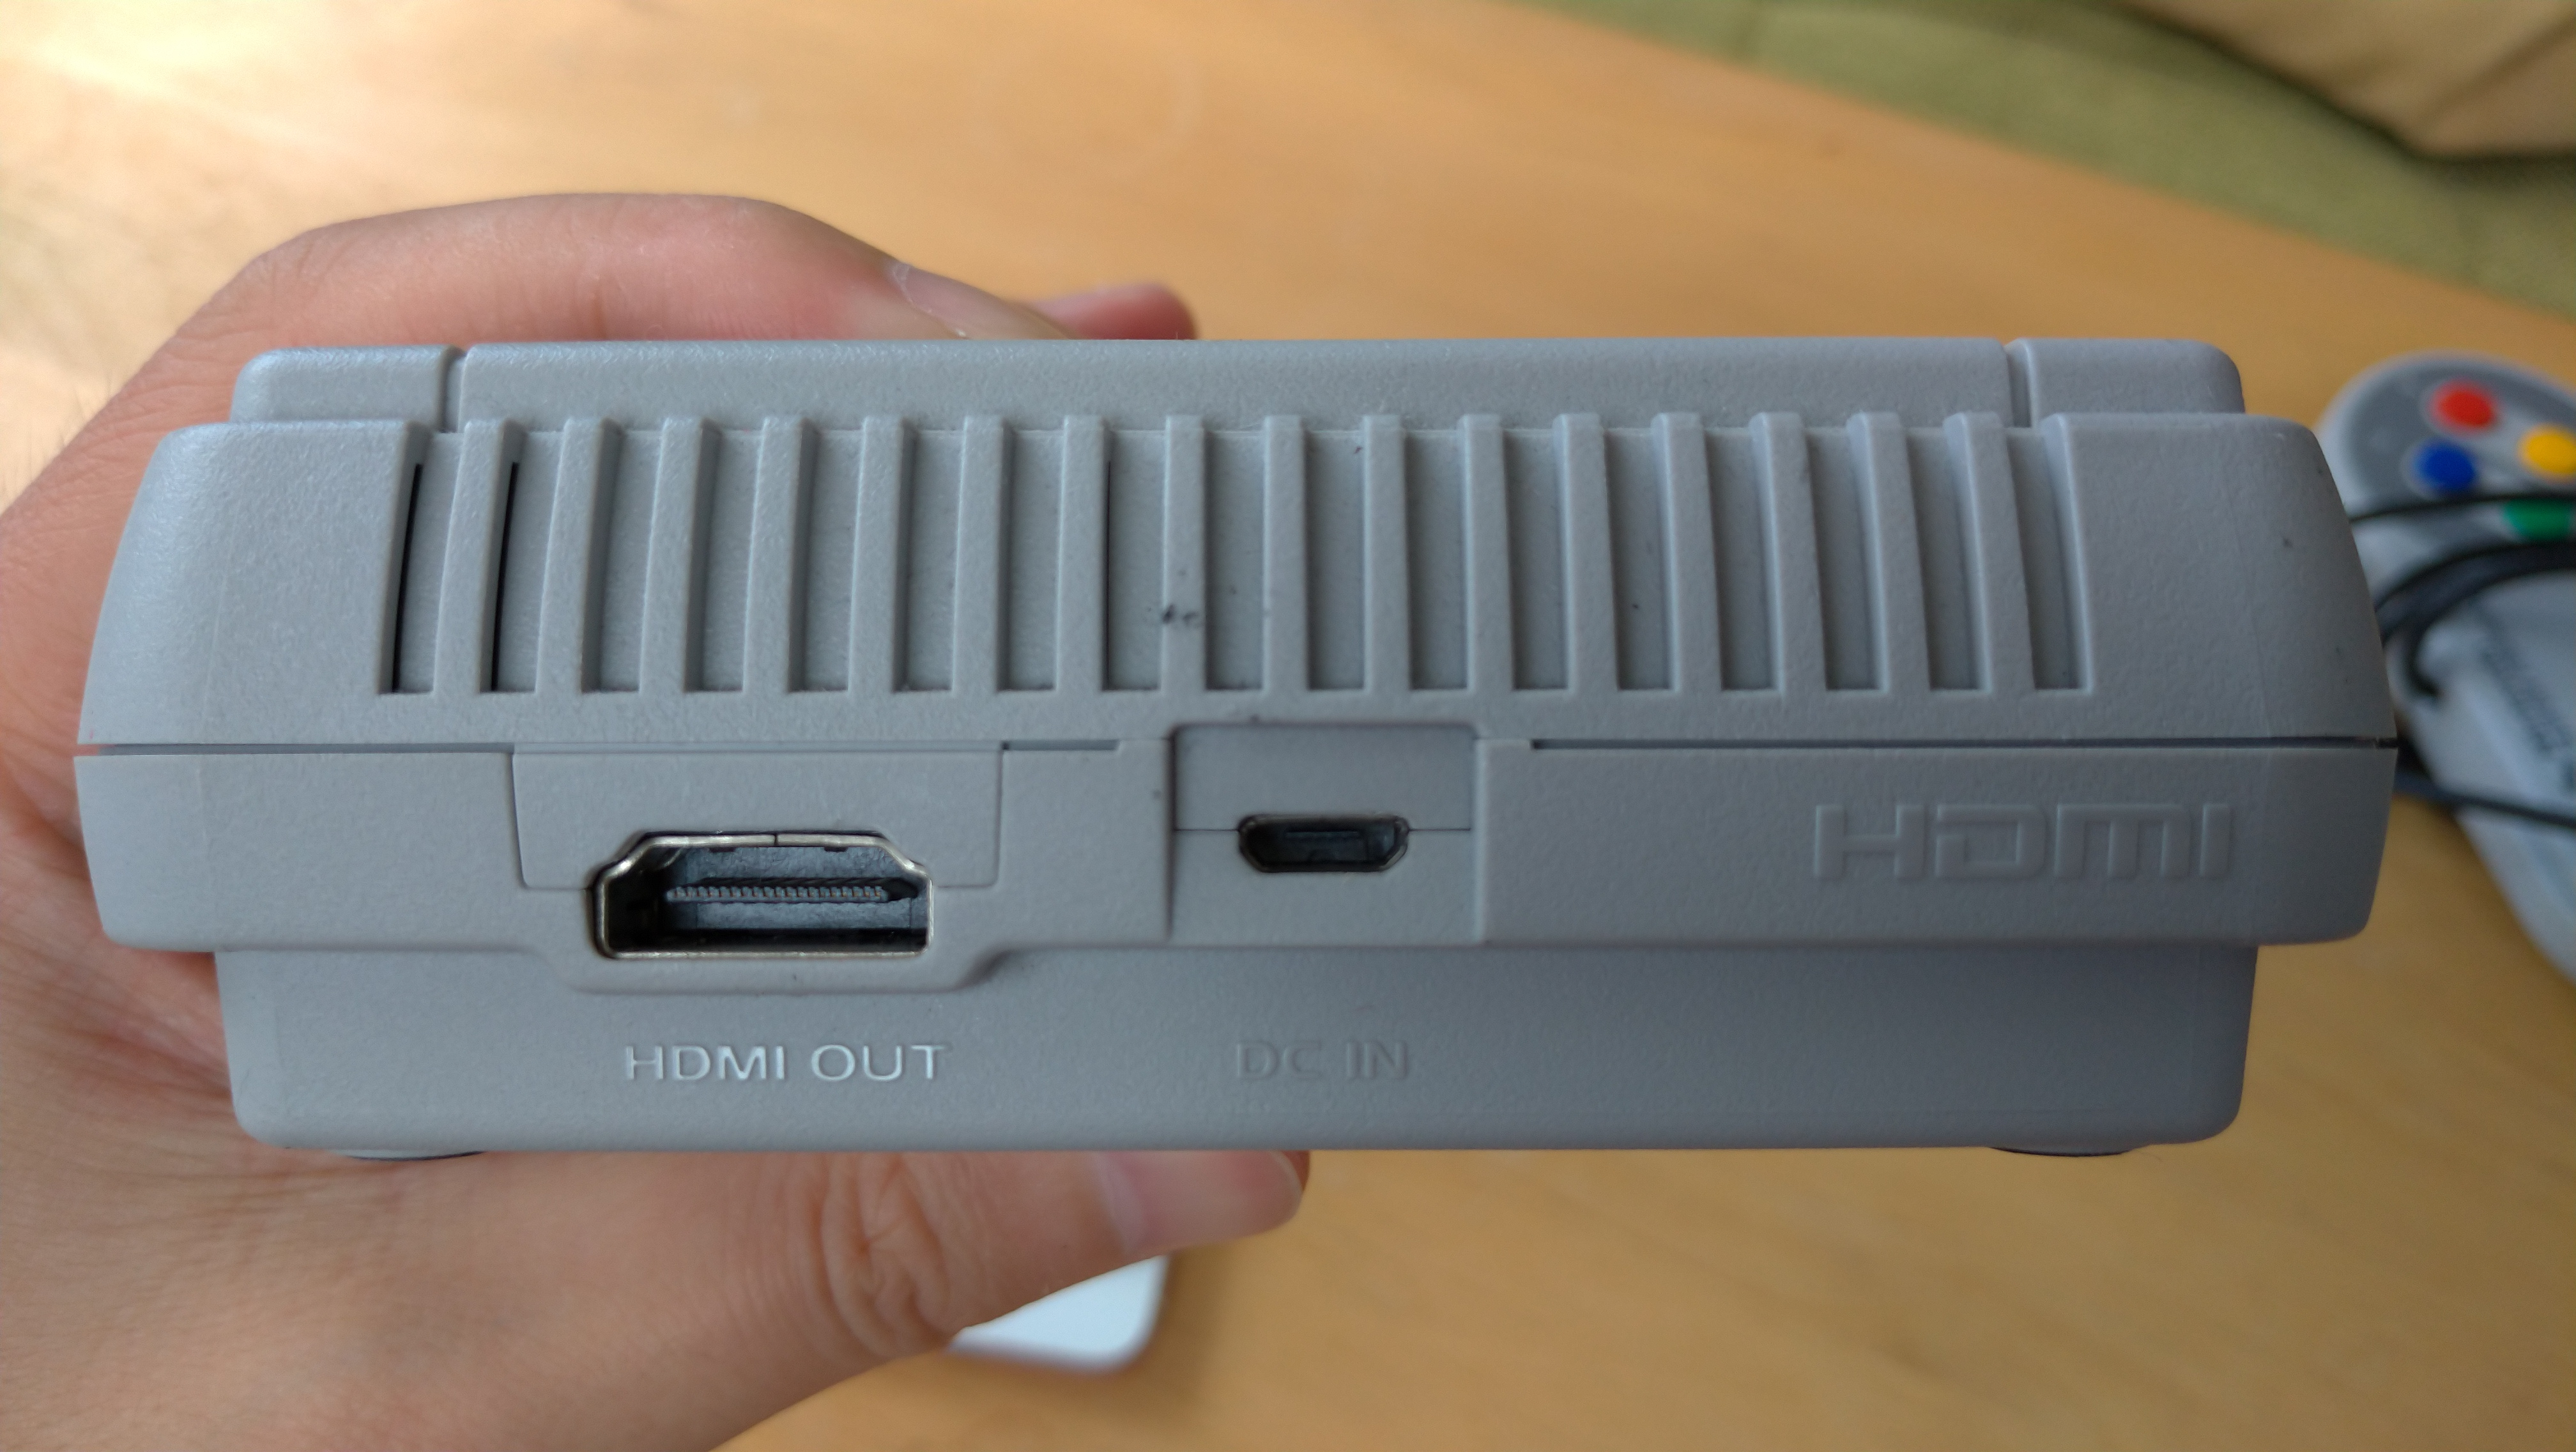 背面はHDMI端子